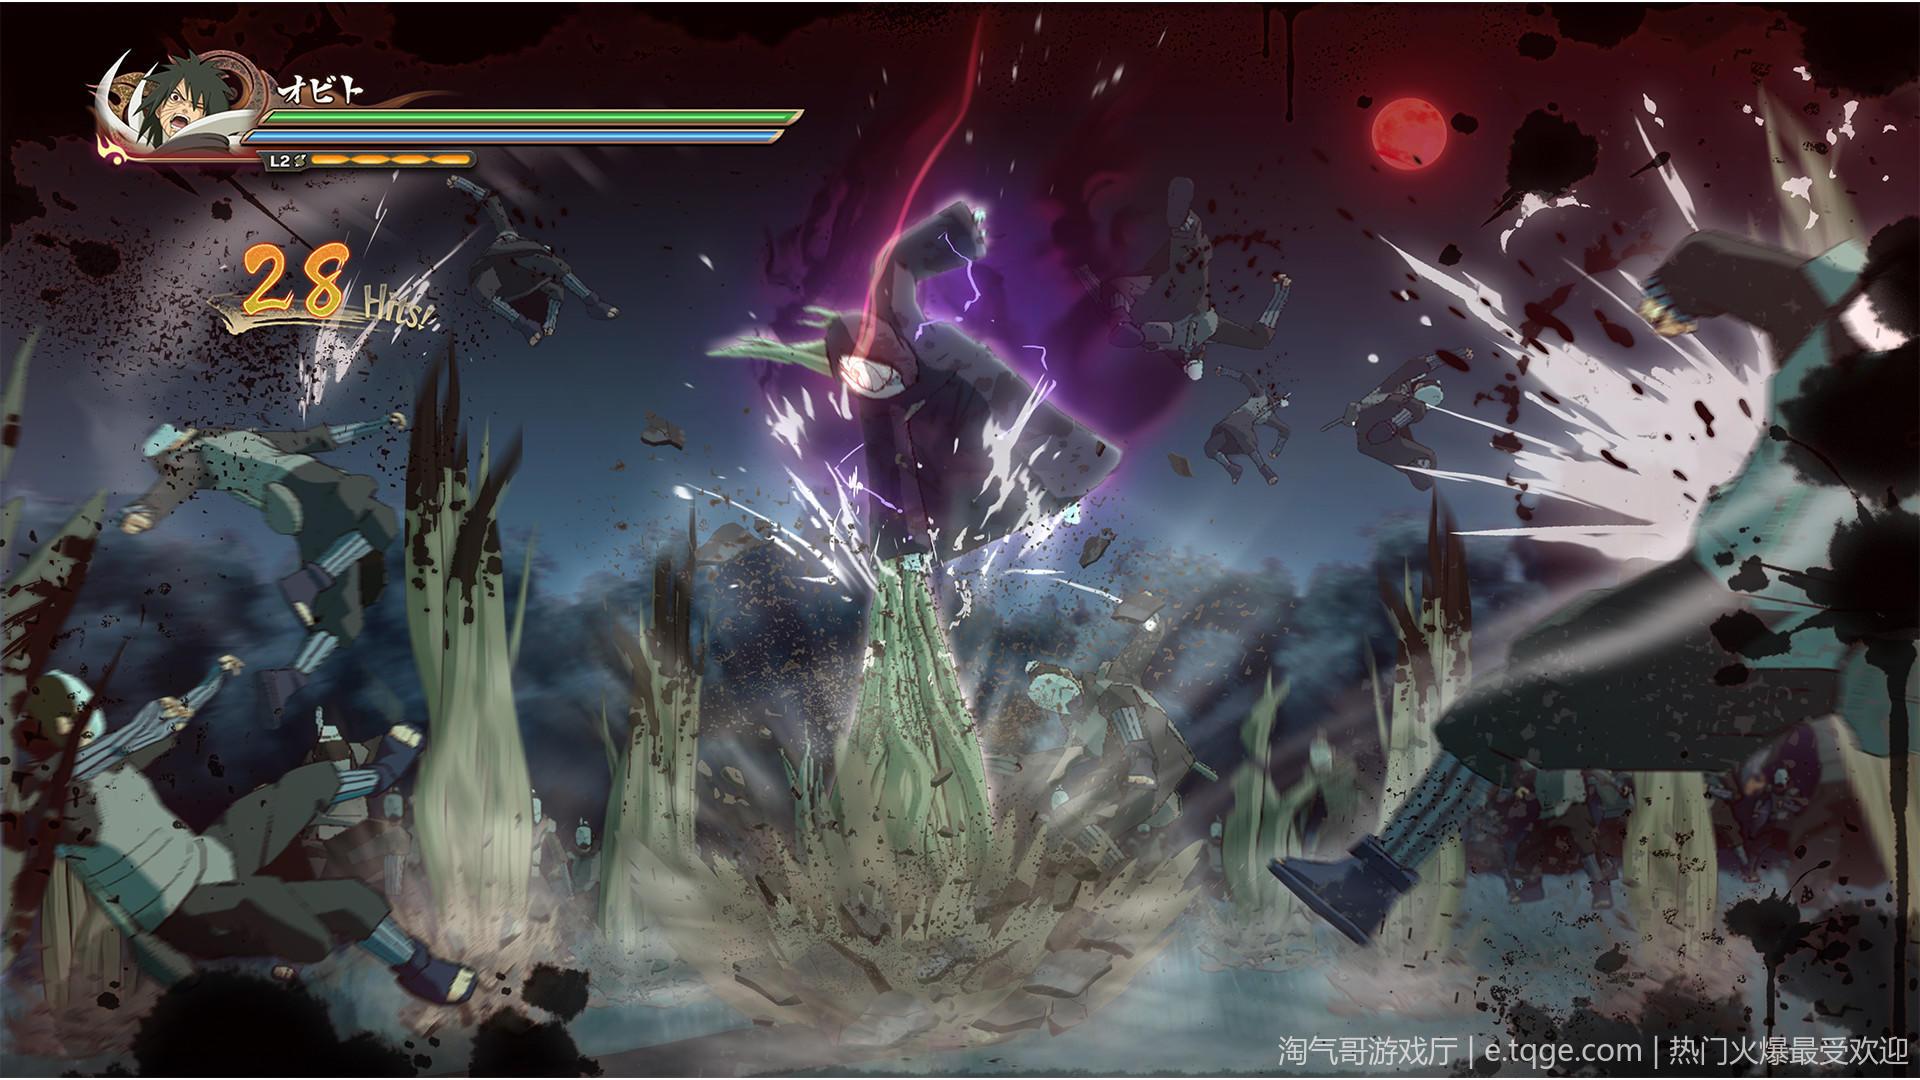 火影忍者:究极忍者风暴4 集成博人之路全部DLCs 整合版 动作冒险 第7张